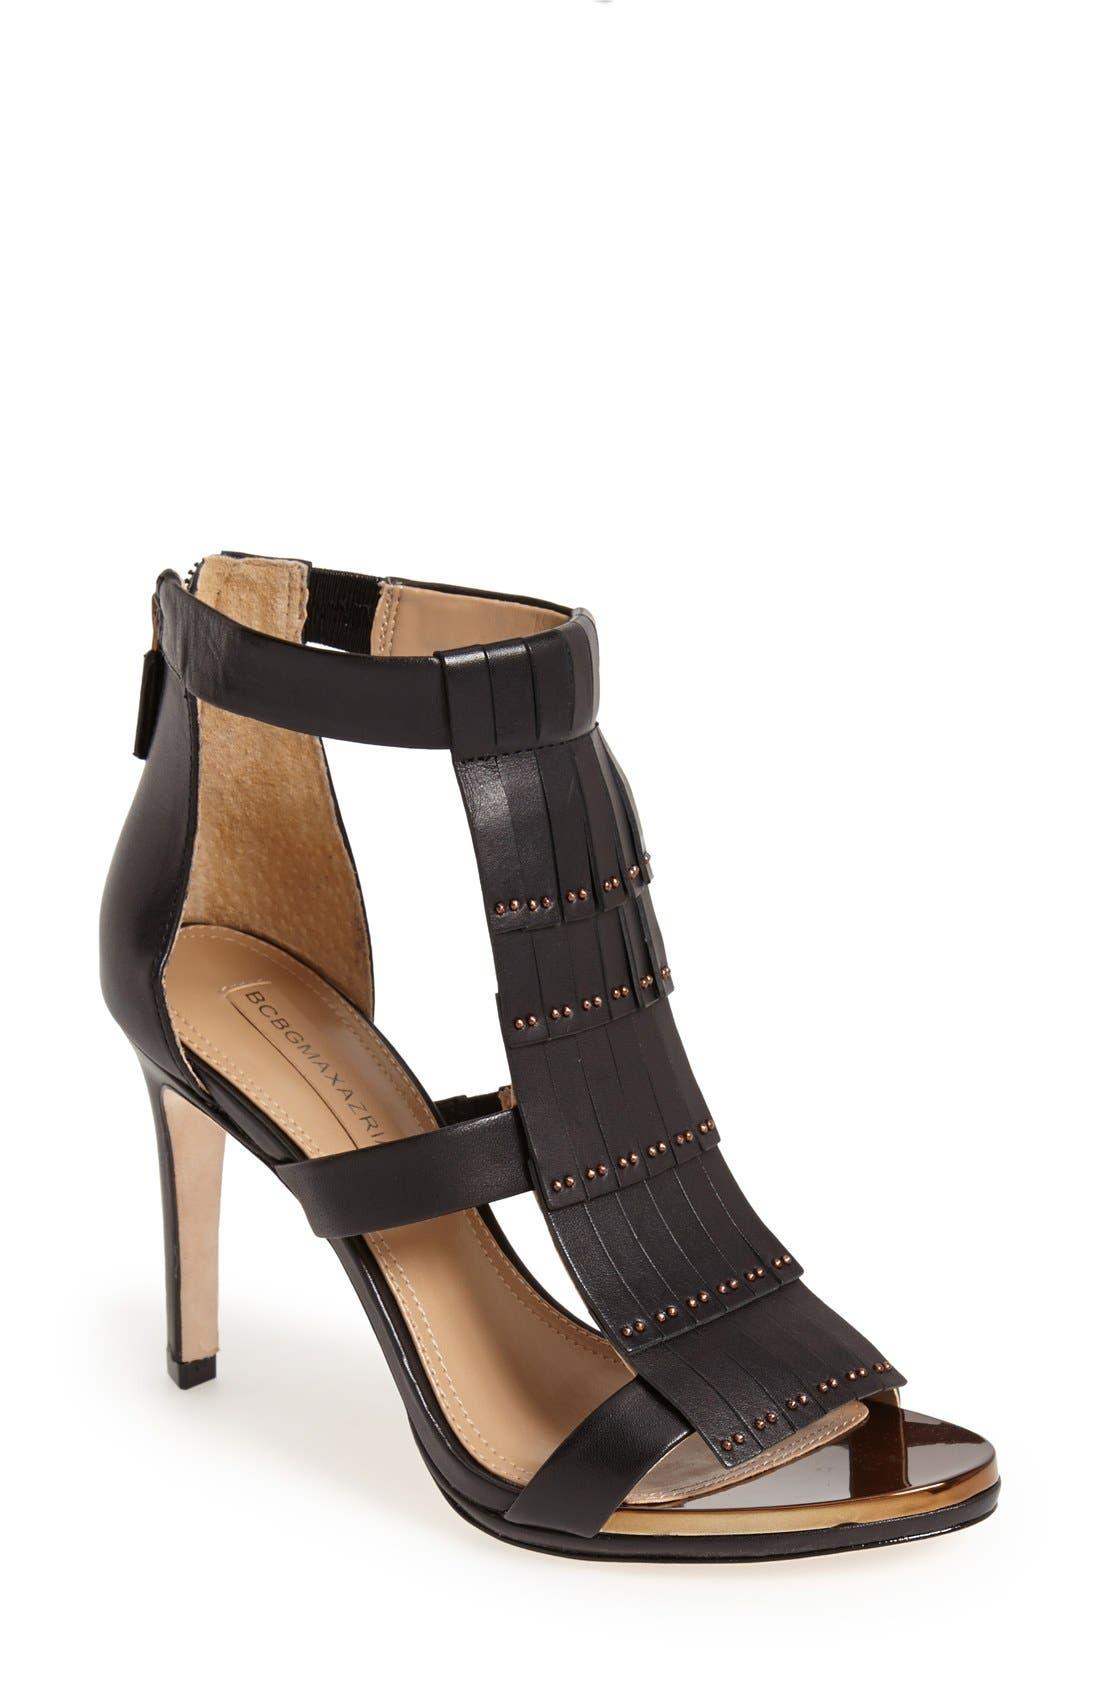 Main Image - BCBGMAXAZRIA 'Leigh High' Sandal (Women)